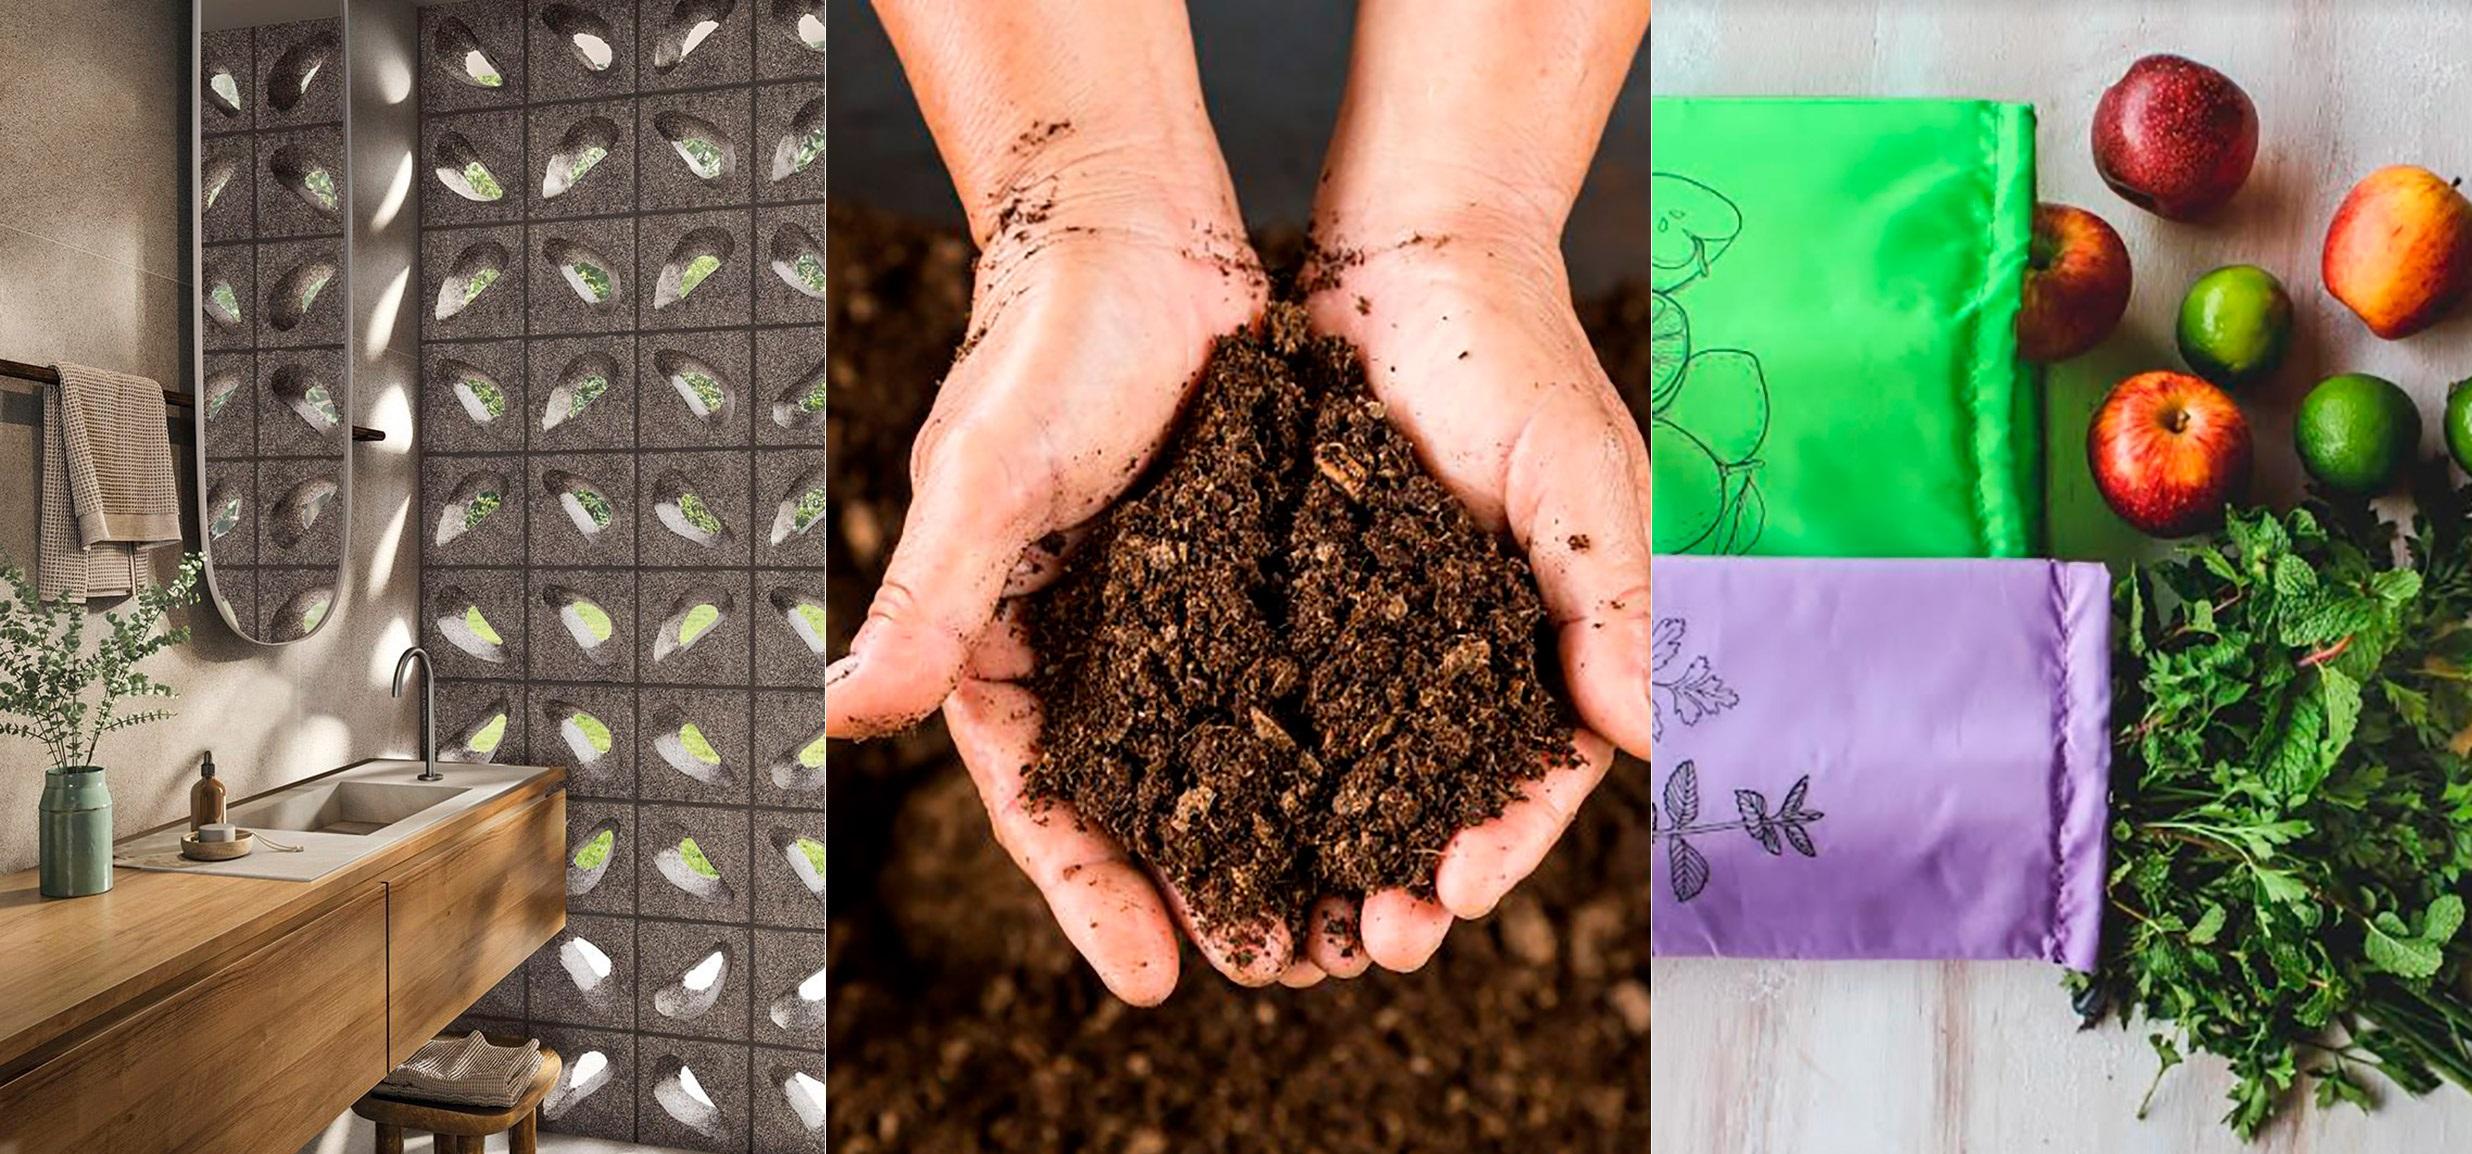 10 dicas para ser mais sustentável sem sair de casa